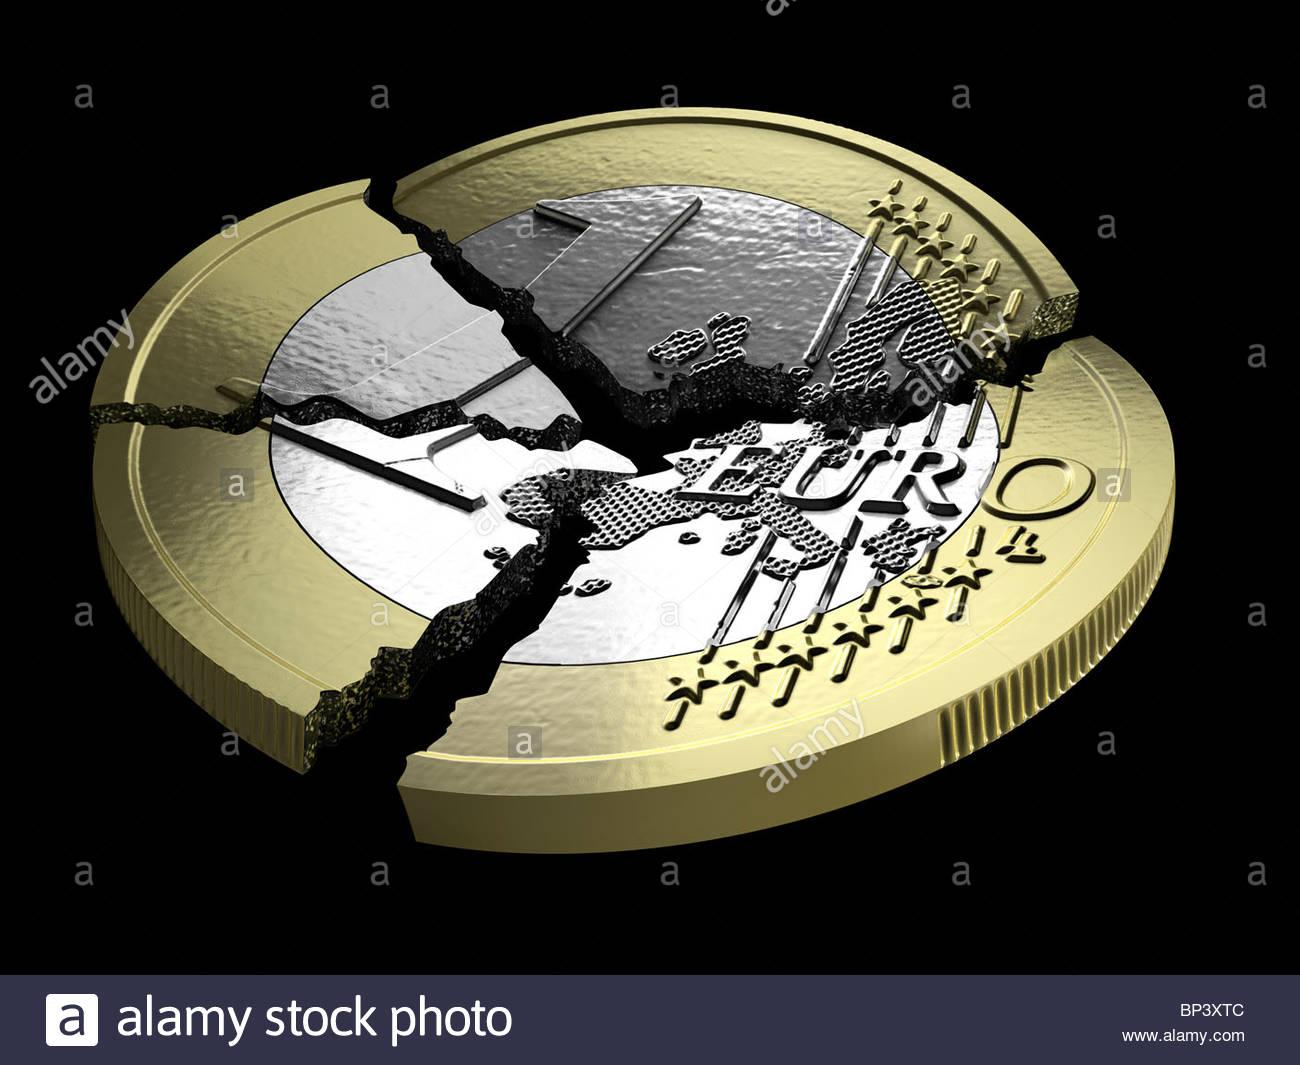 Una moneda de Euro roto en varios pedazos Imagen De Stock